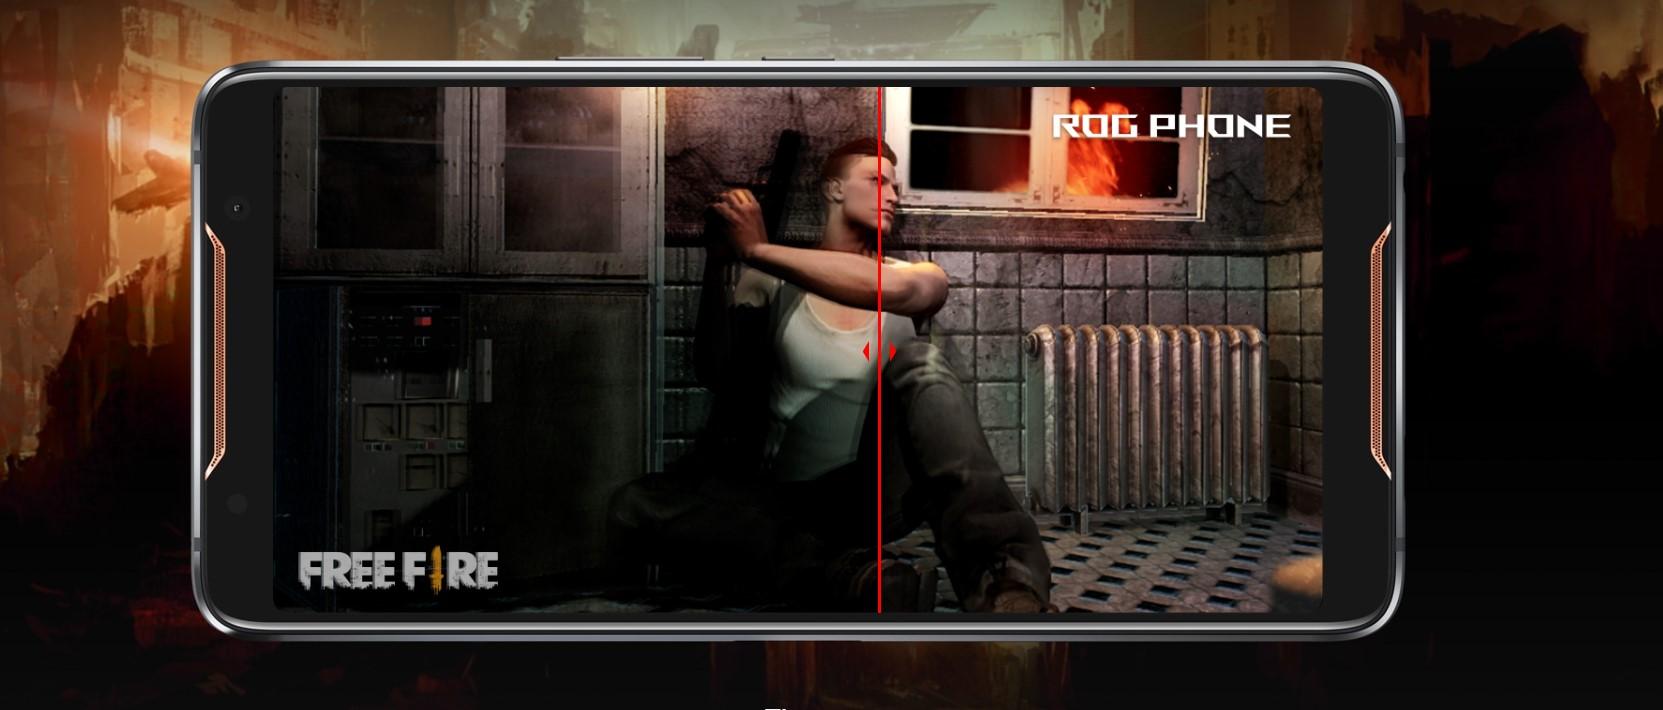 Asus ROG Phone ekran HDR